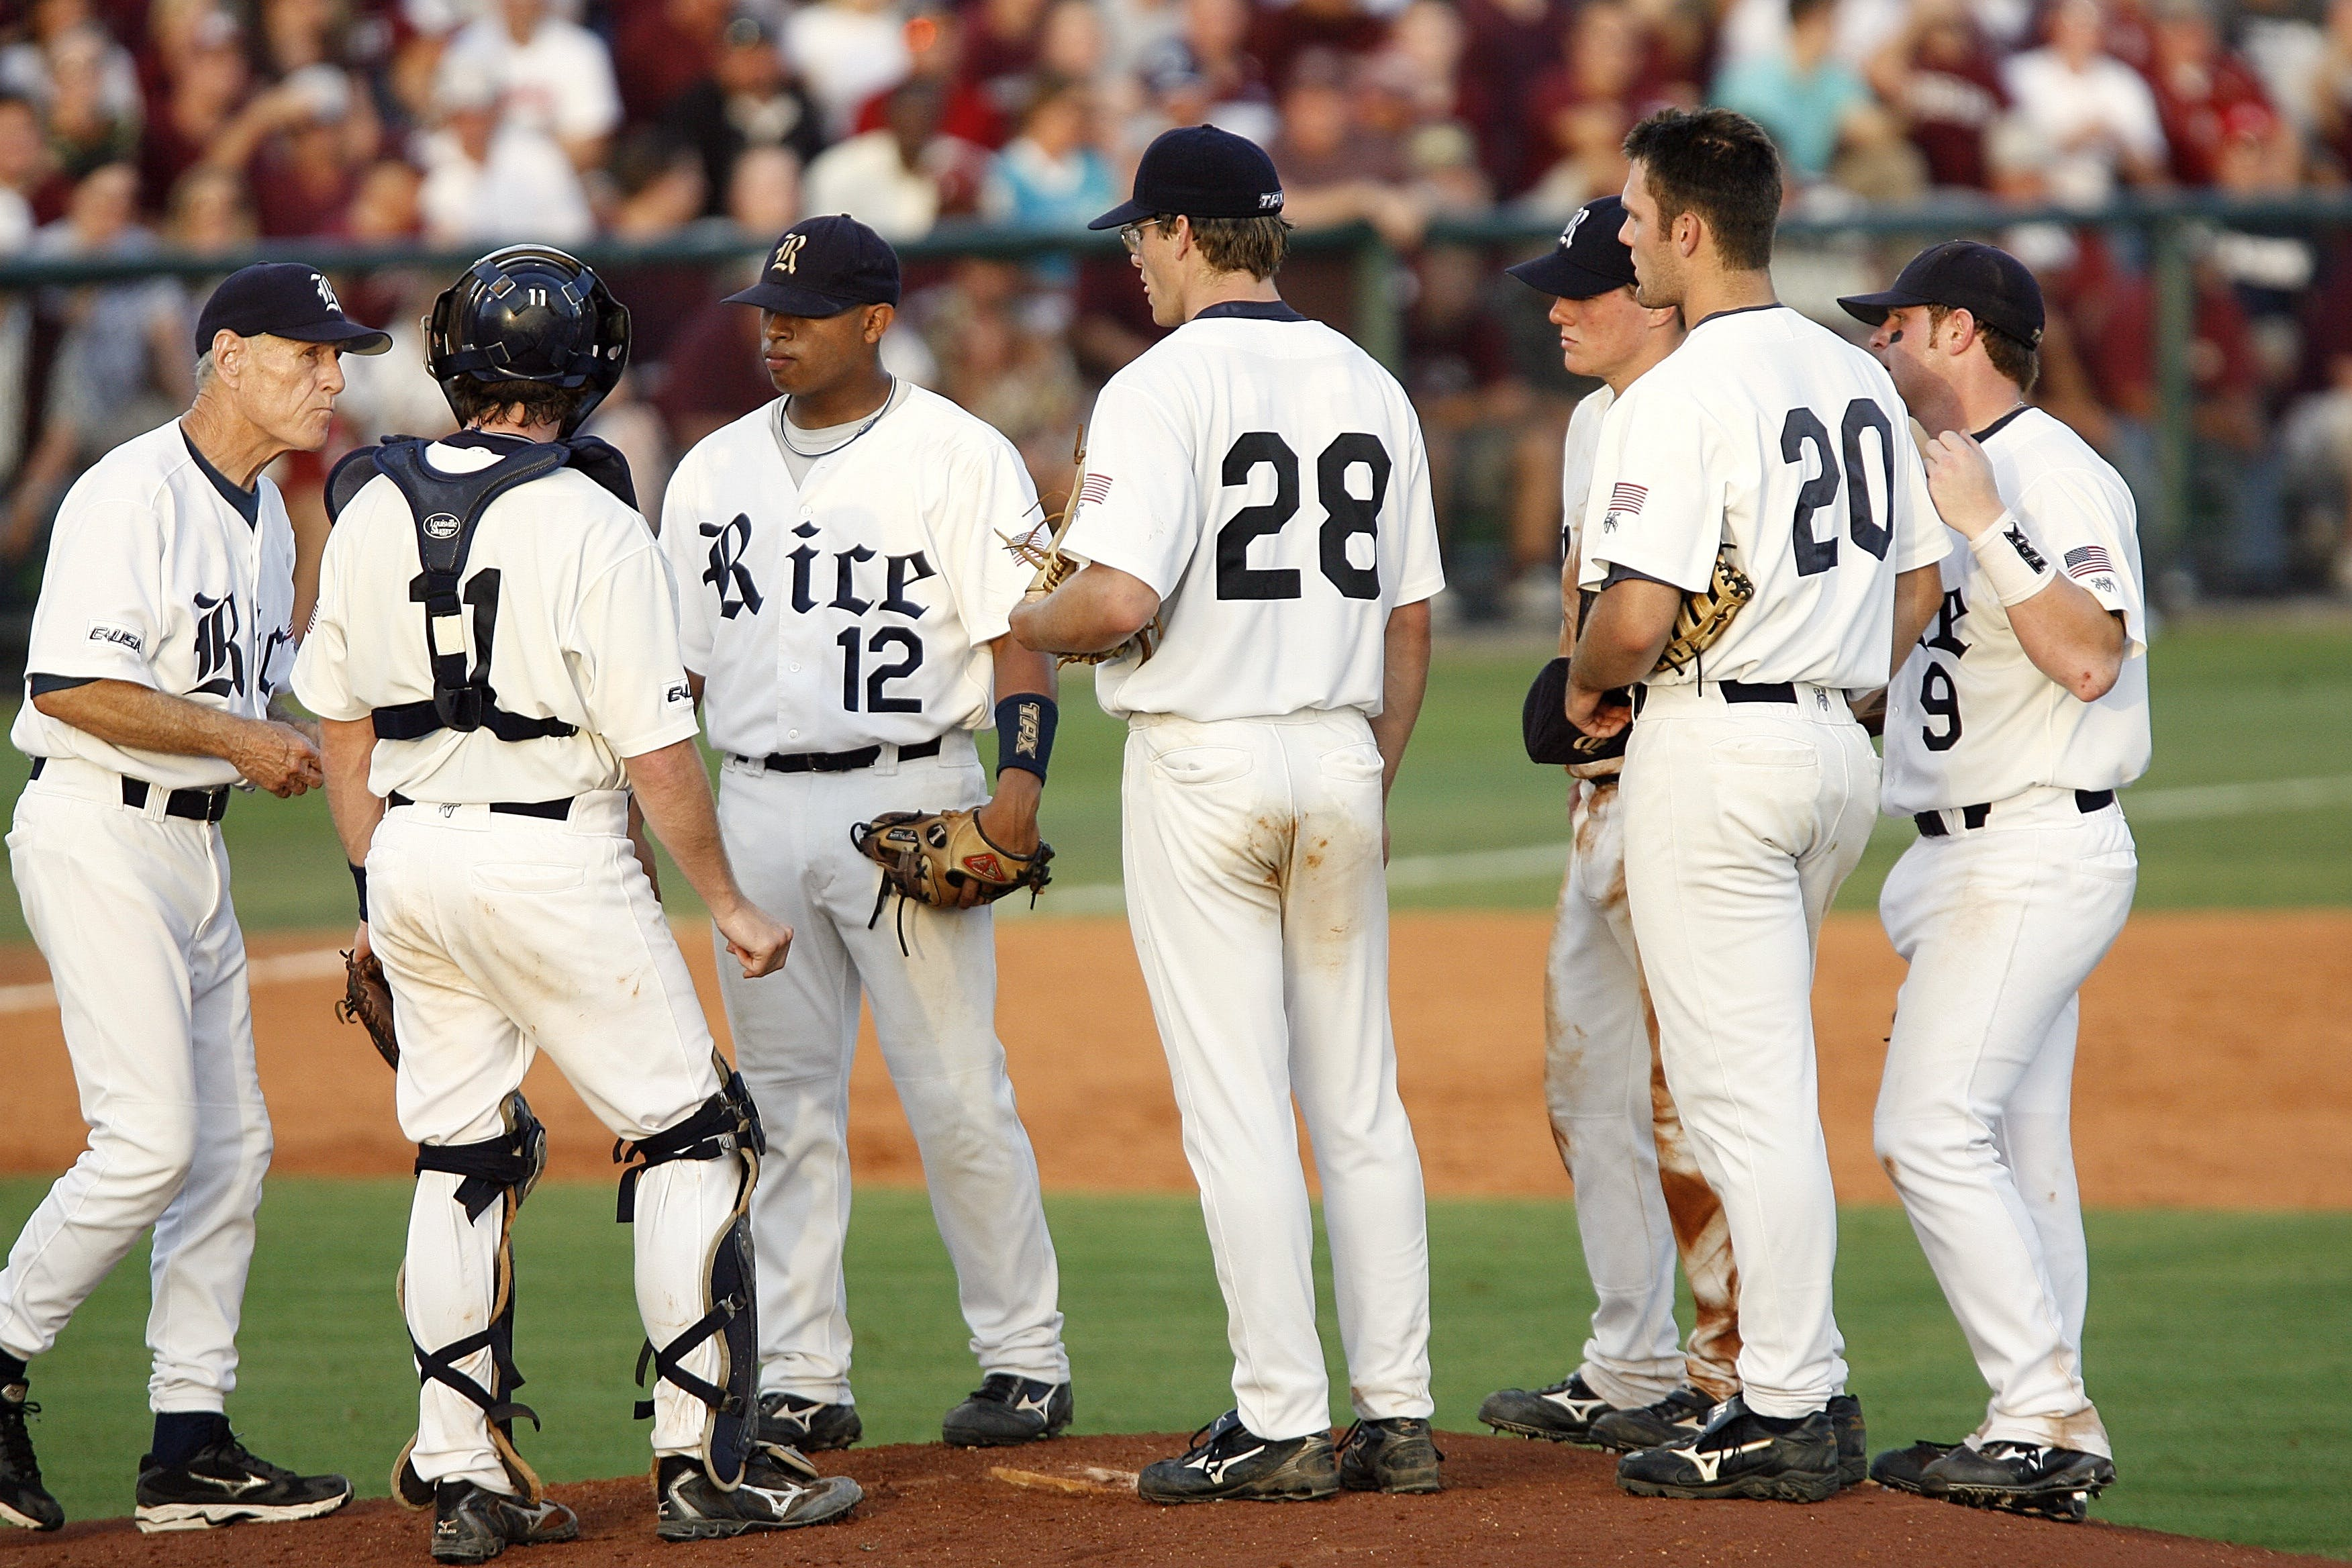 Group of Baseball Players on Ballpark